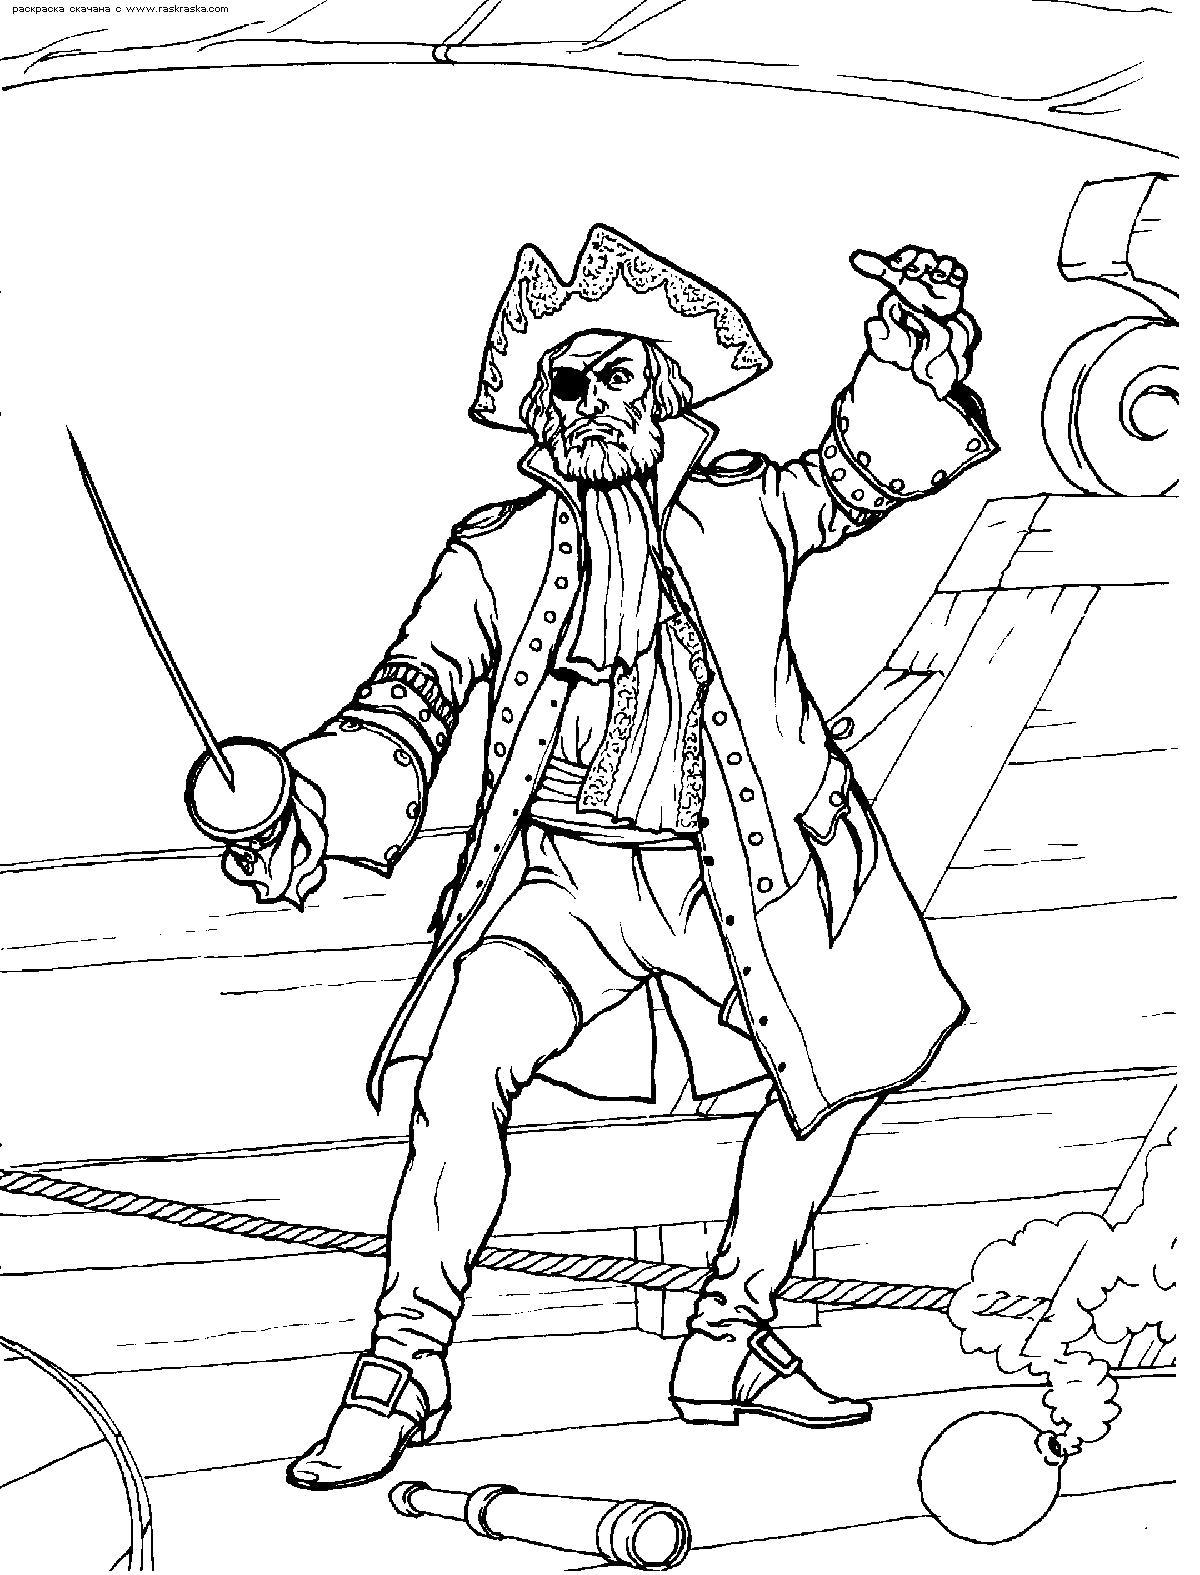 Раскраска  Пират фехтует.  Пират со шпагой в руке, обнаженная шпага, одноглазый пират, камзол, сражение. Скачать Пират.  Распечатать Пират